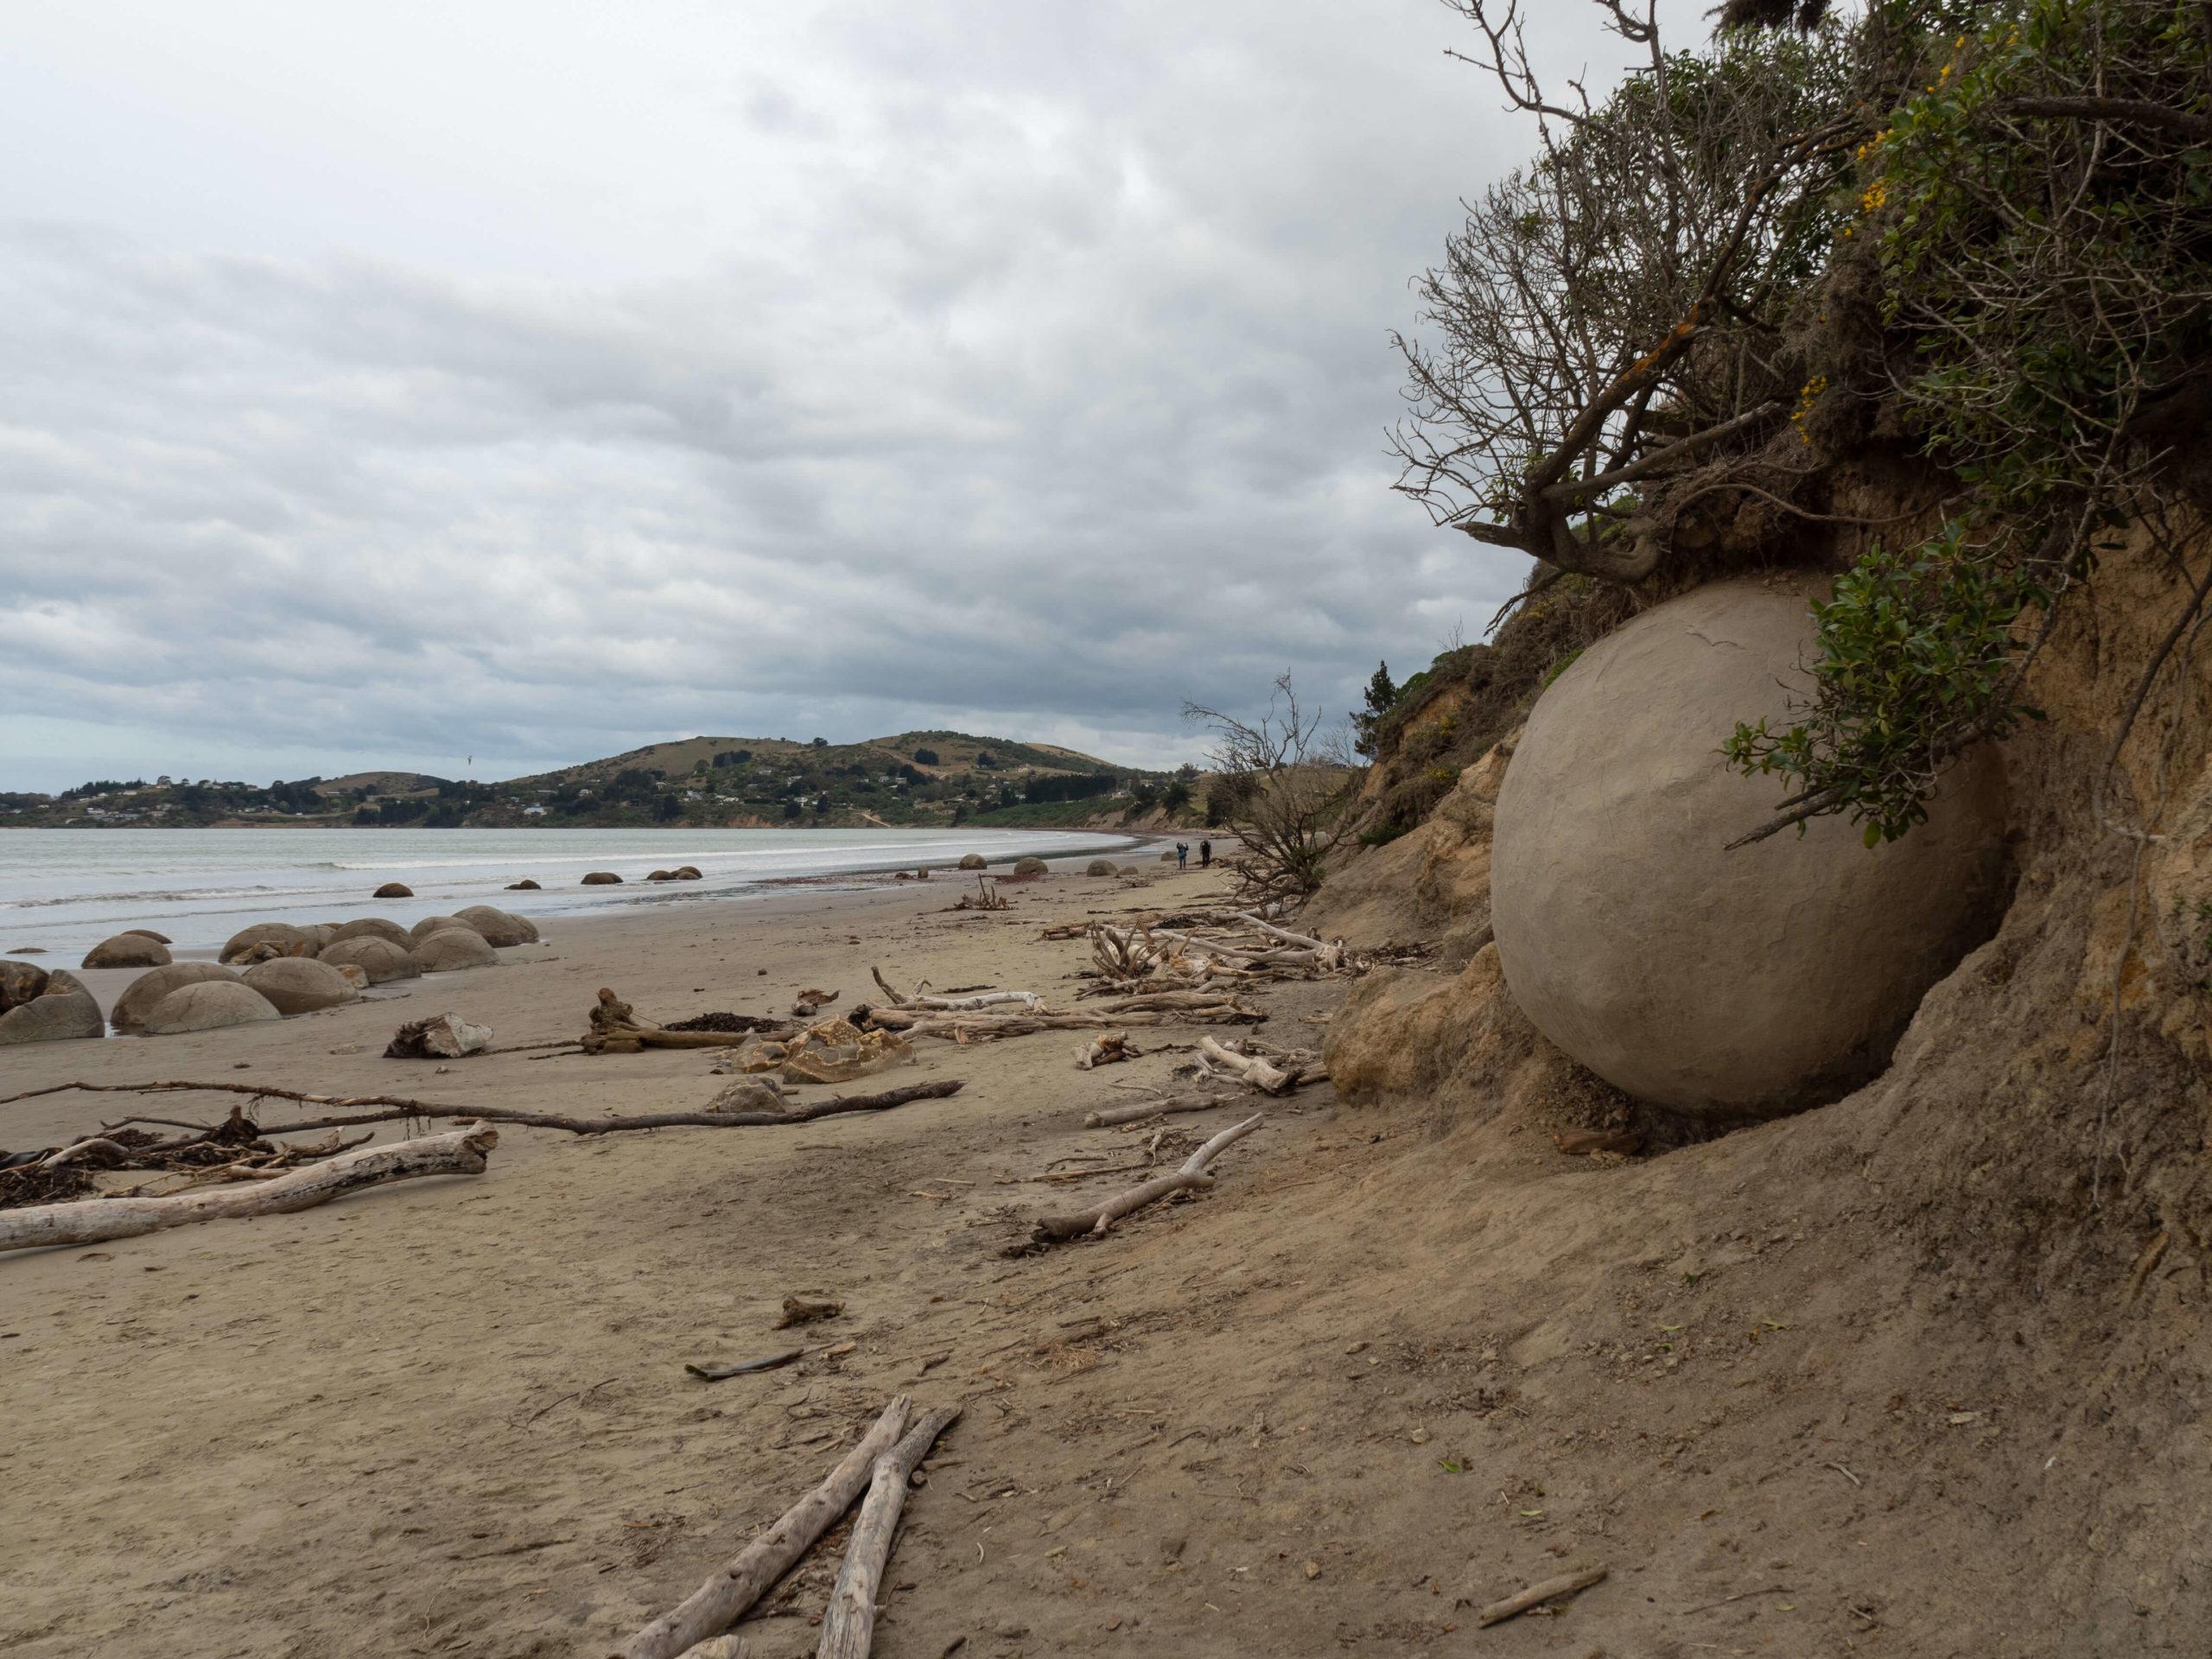 Moeraki boulders plage de pierres Nouvelle-Zélande